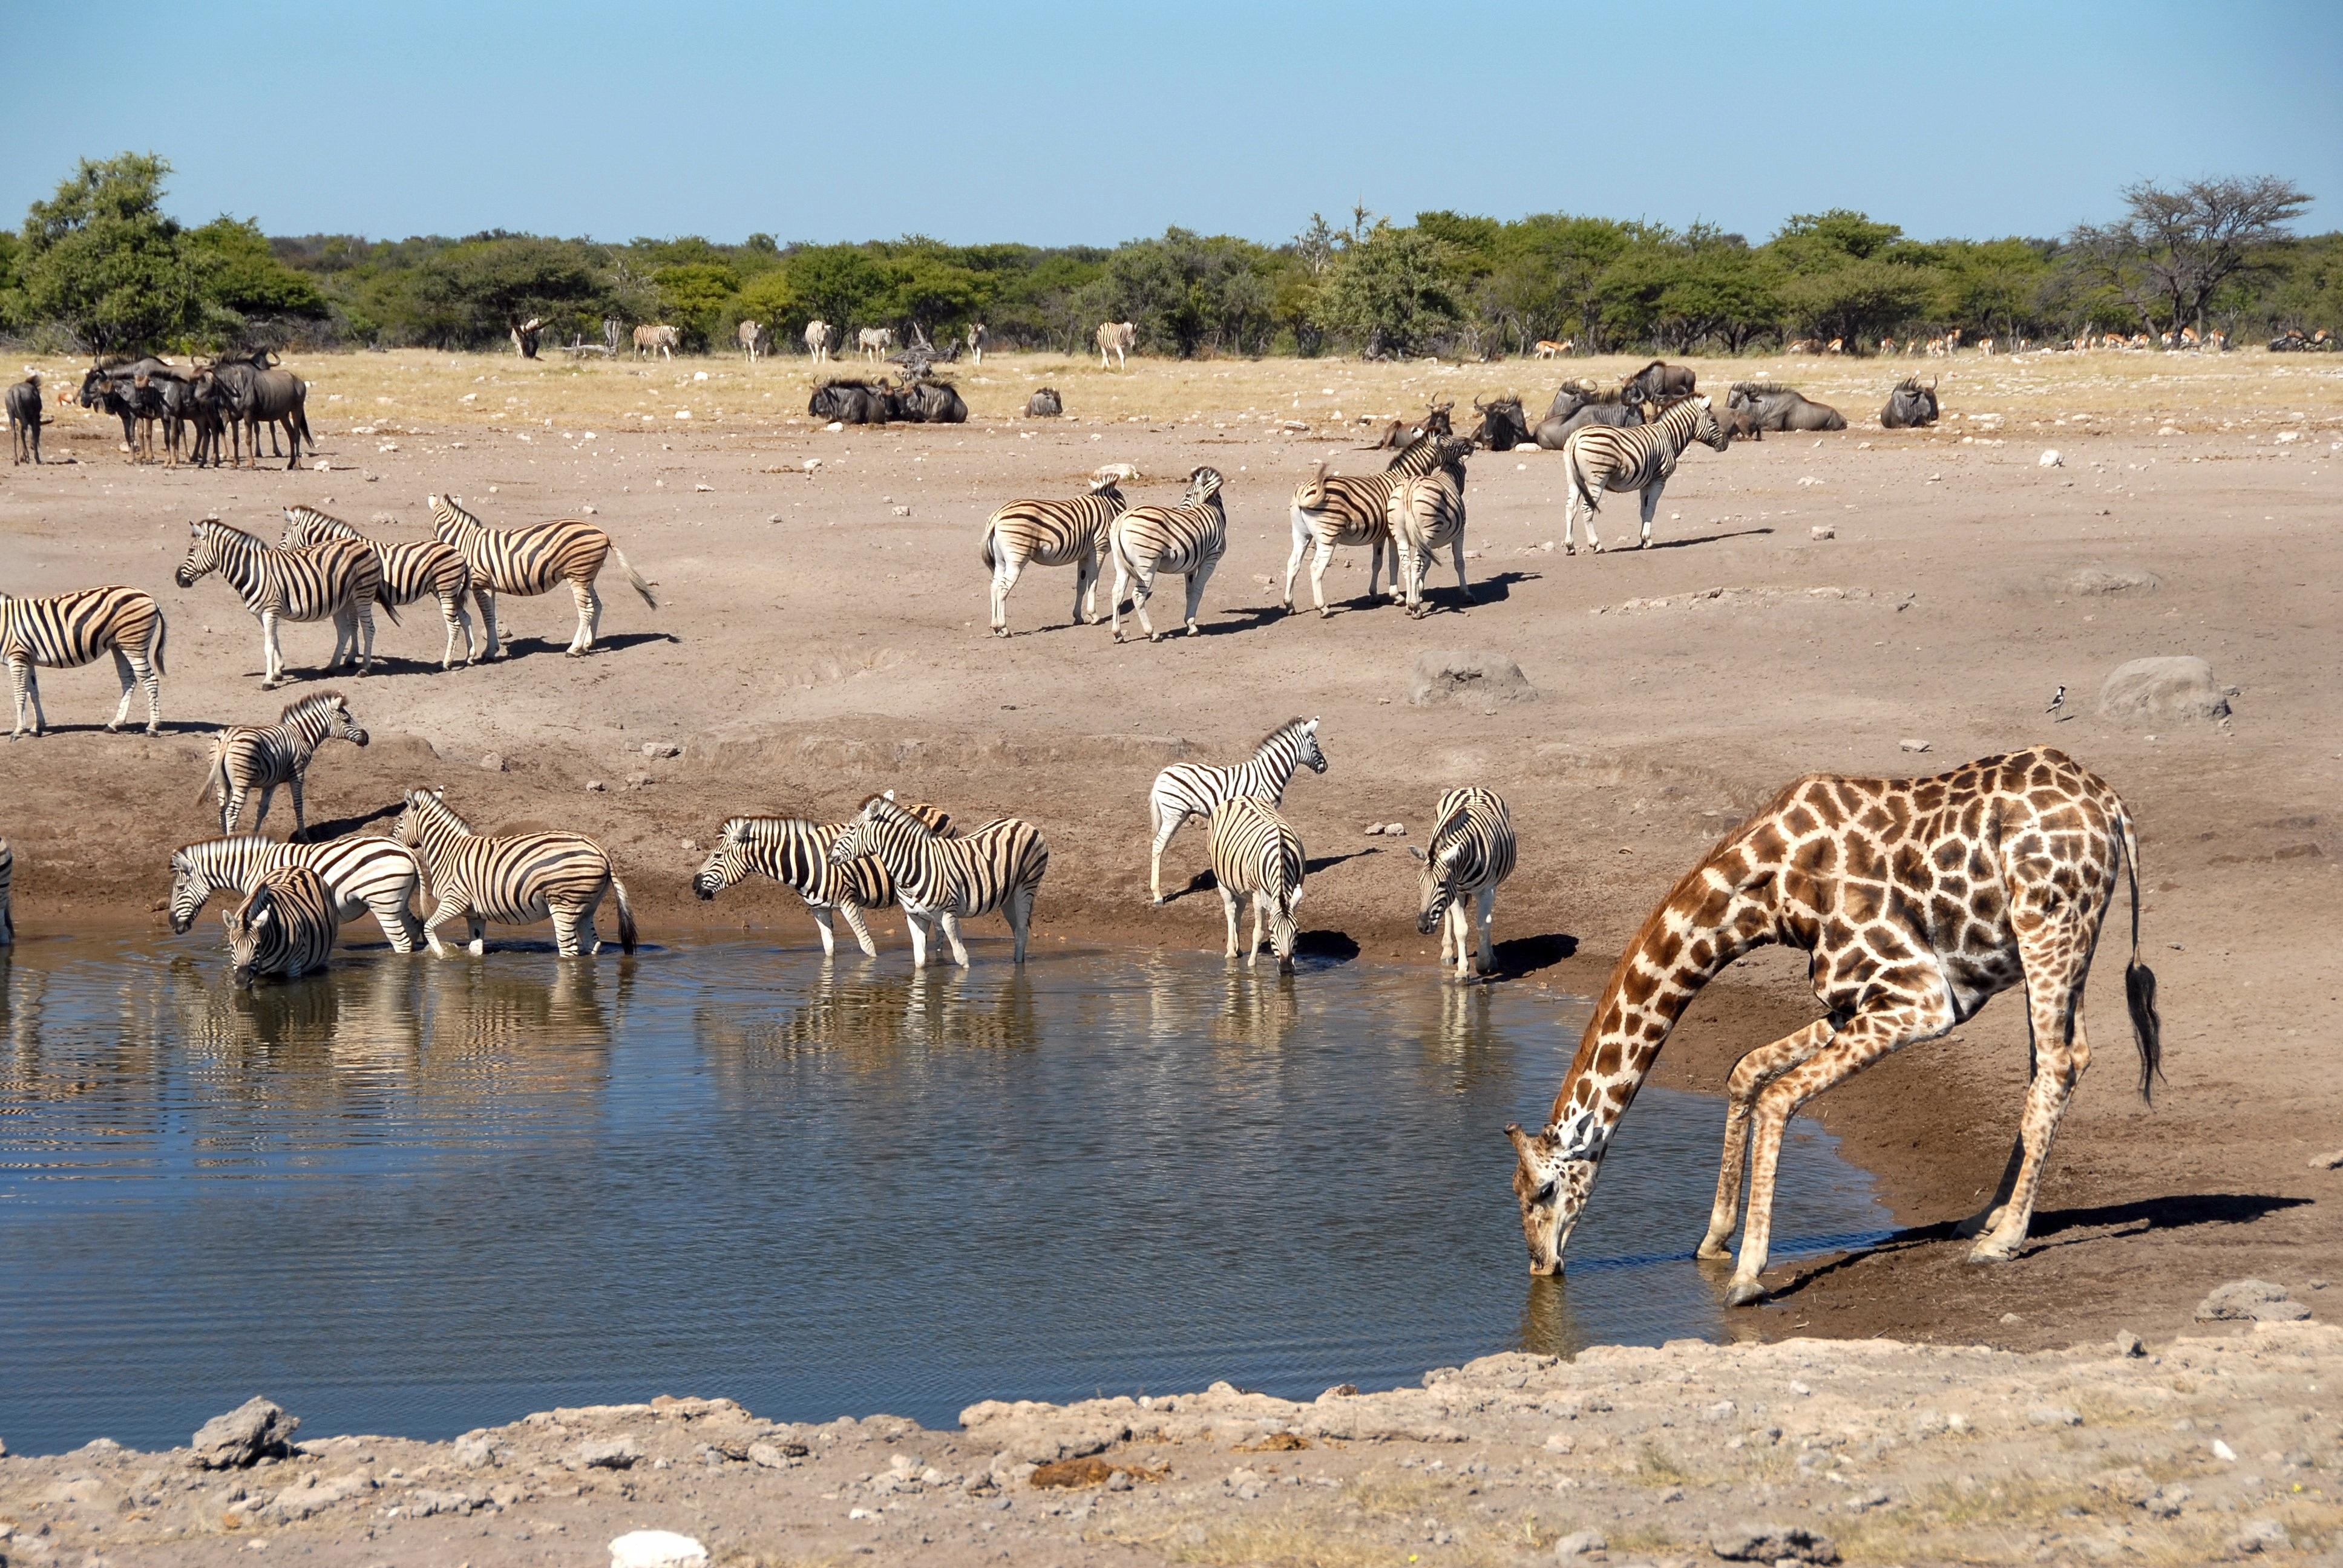 Couleurs australes en Namibie - 09.jpg